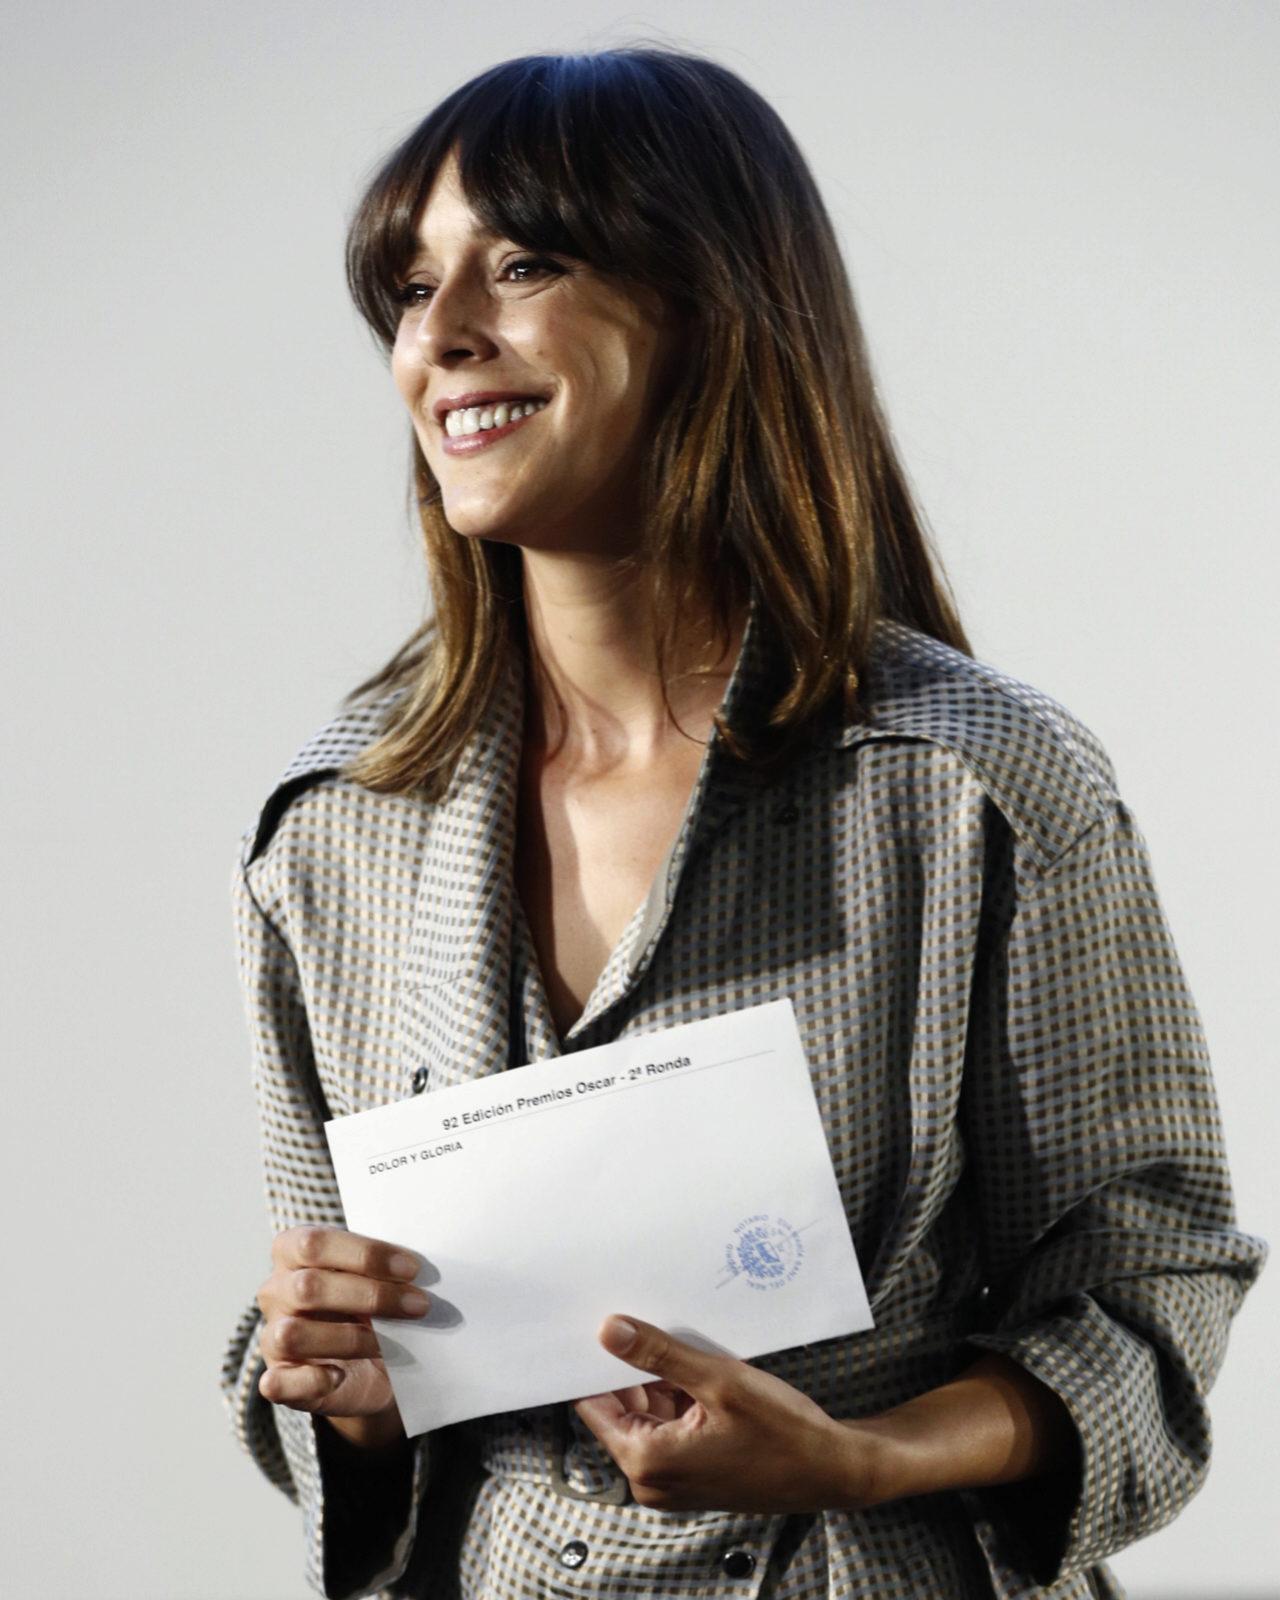 La actriz Belán Cuesta ha sido la encargada de anunciarlo